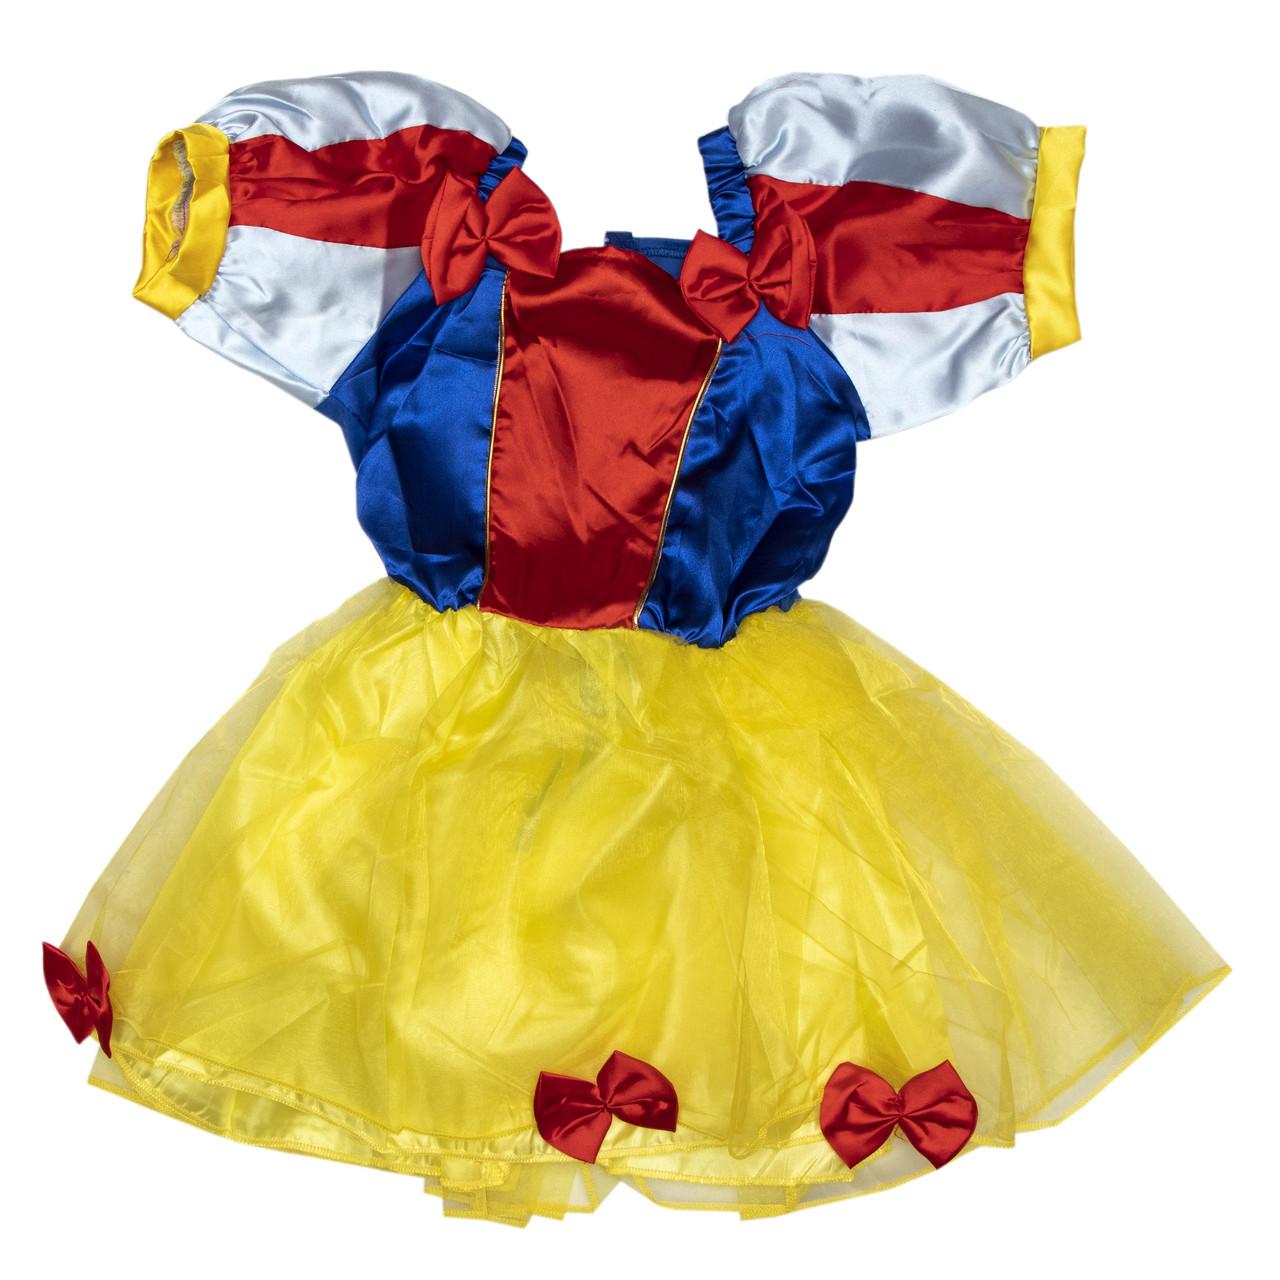 Карнавальный костюм Белоснежка 6 (6 лет-115см), арт. 460908-2